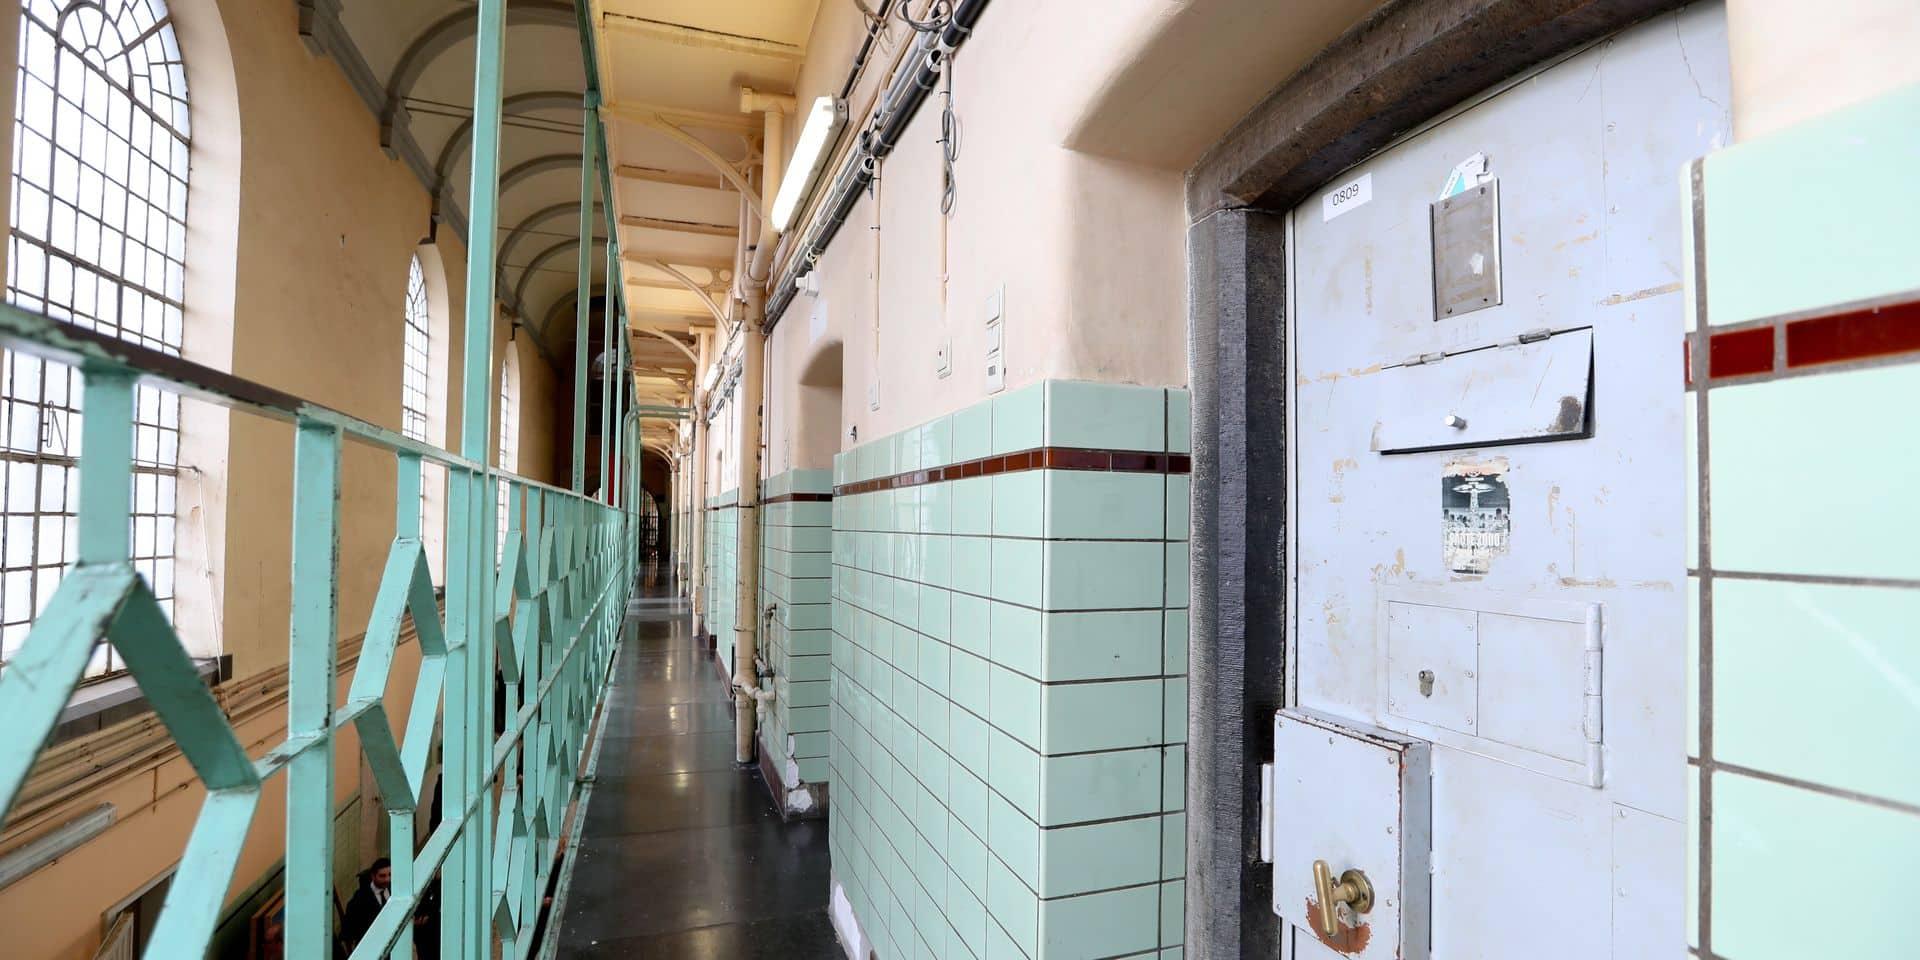 Photos Bernard Demoulin: Visite de la prison de namur et de la formation des detenus. Ministre Rachid Madrane et Eliane Tillieux